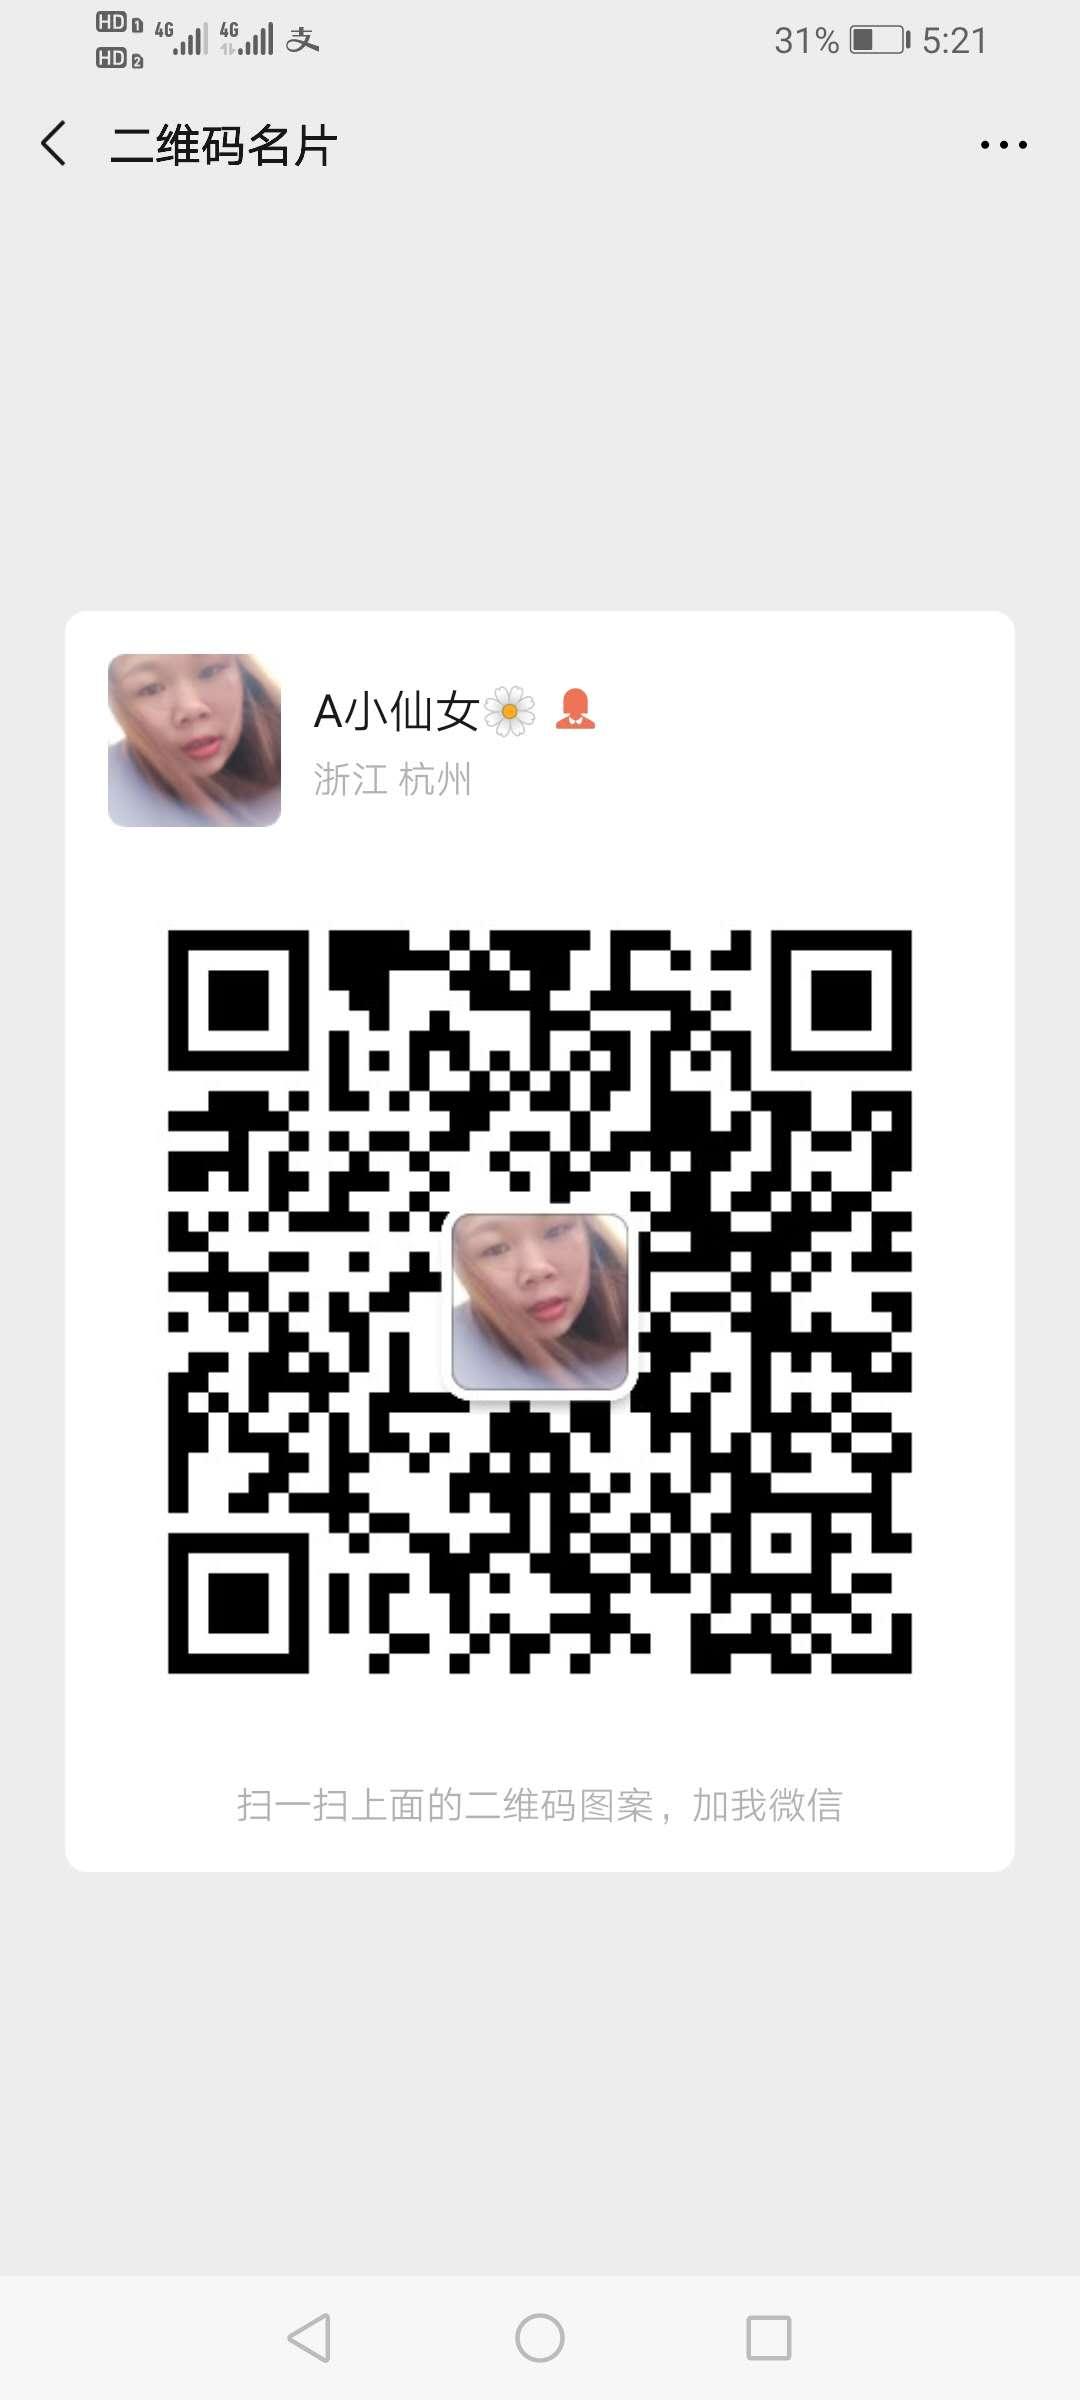 .\..\..\..\..\..\..\AppData\Local\Temp\WeChat Files\1cdc14474aec3f757271528f7901e7ae_.jpg